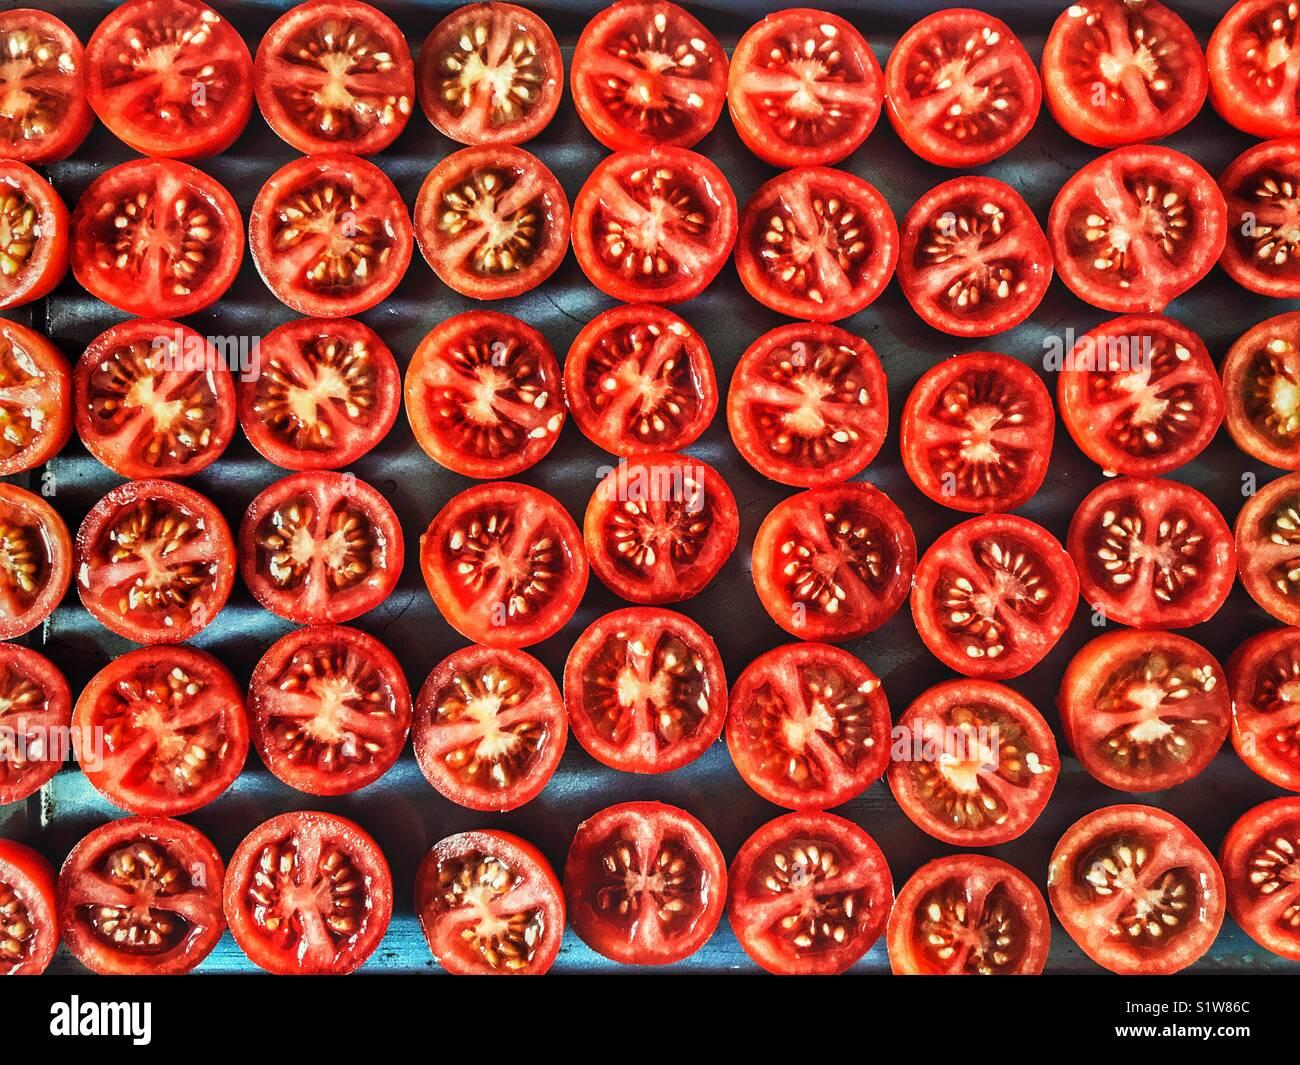 Tomates cerise, sur une plaque de cuisson prêt à être rôti au four Photo Stock